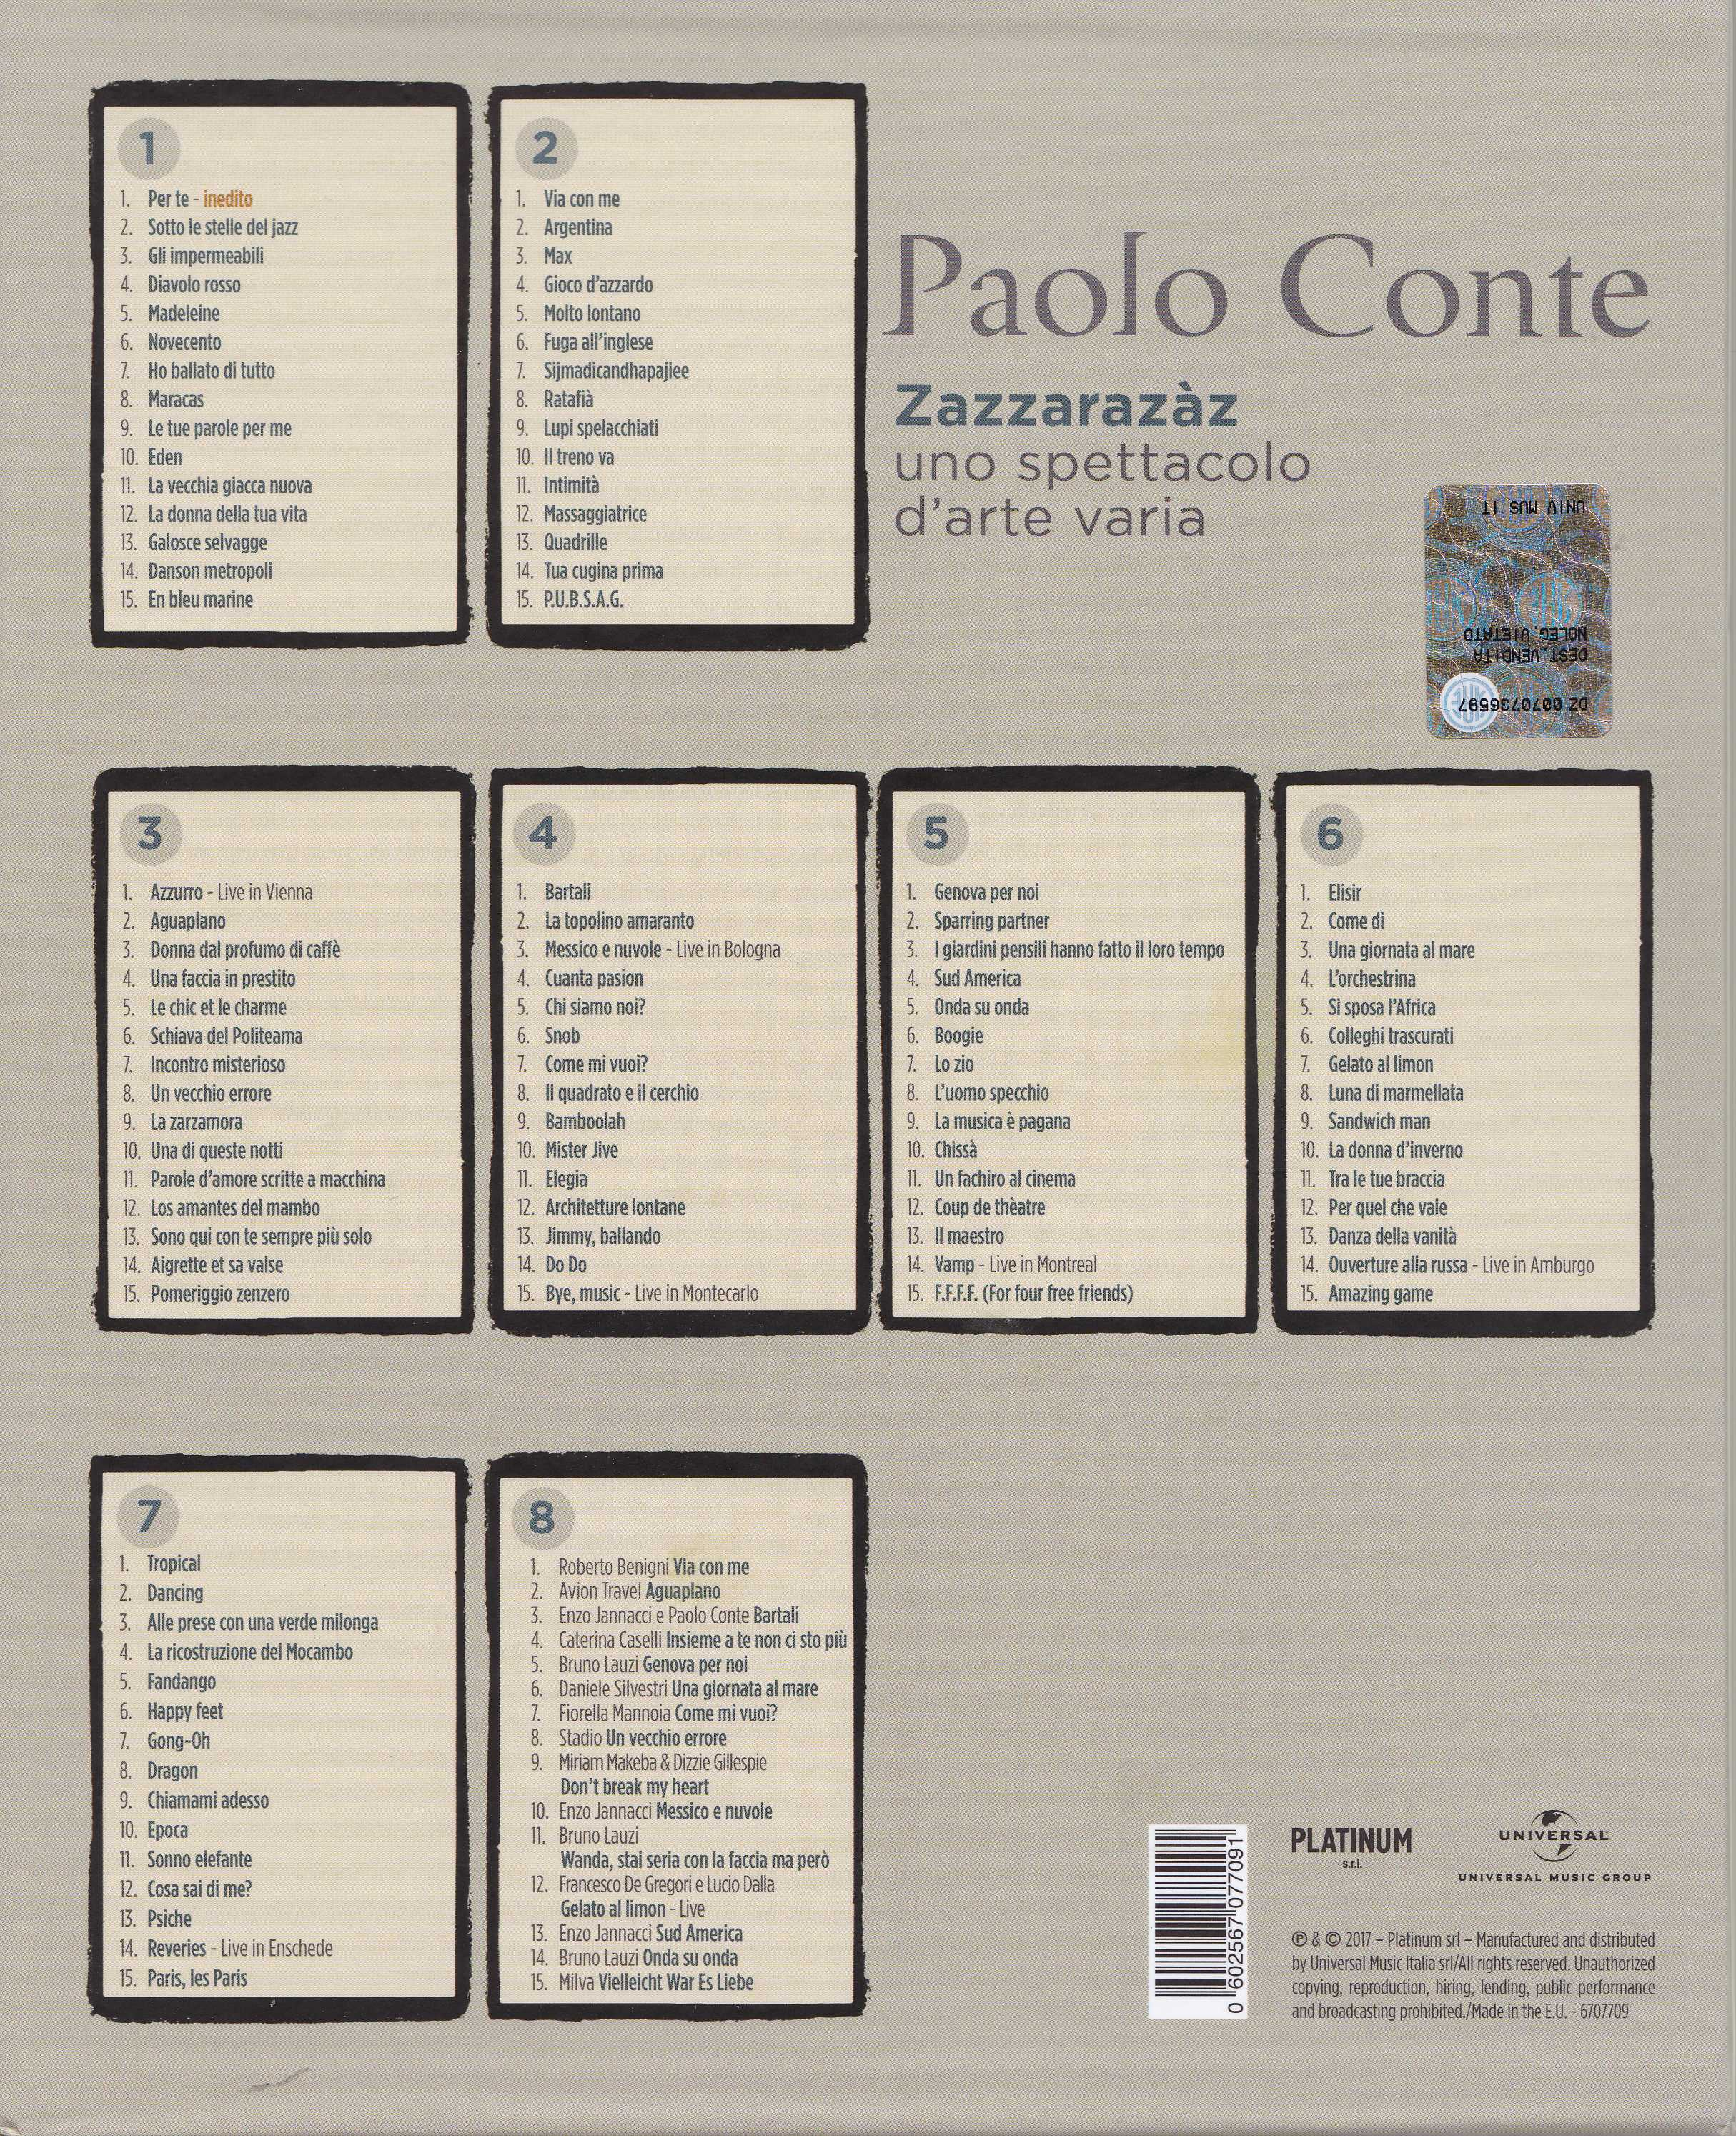 paolo conte1635